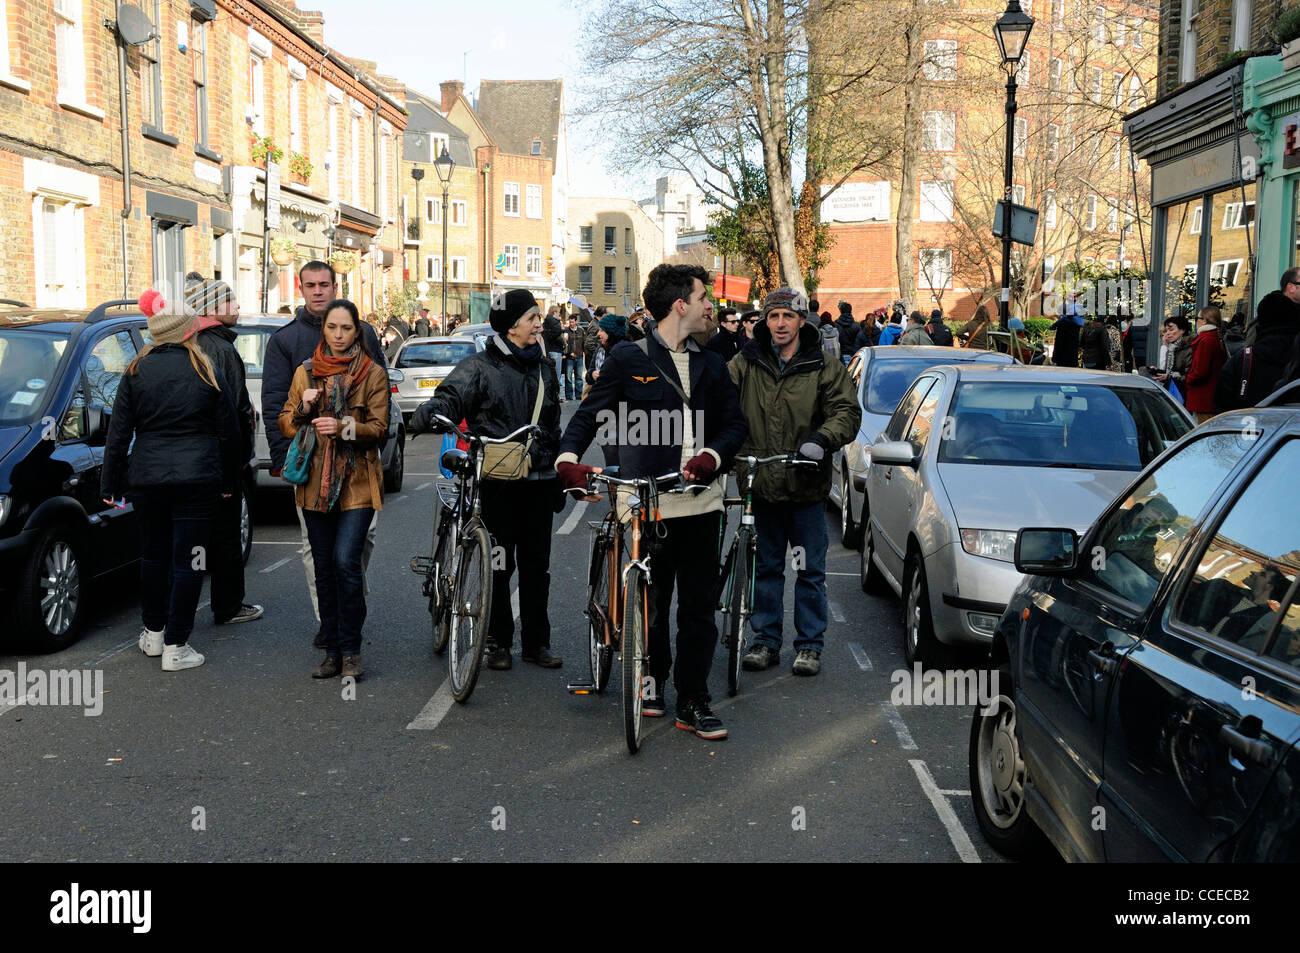 Les cyclistes poussant leurs vélos dans Columbia Road Flower Market Tower Hamlets London England UK Photo Stock